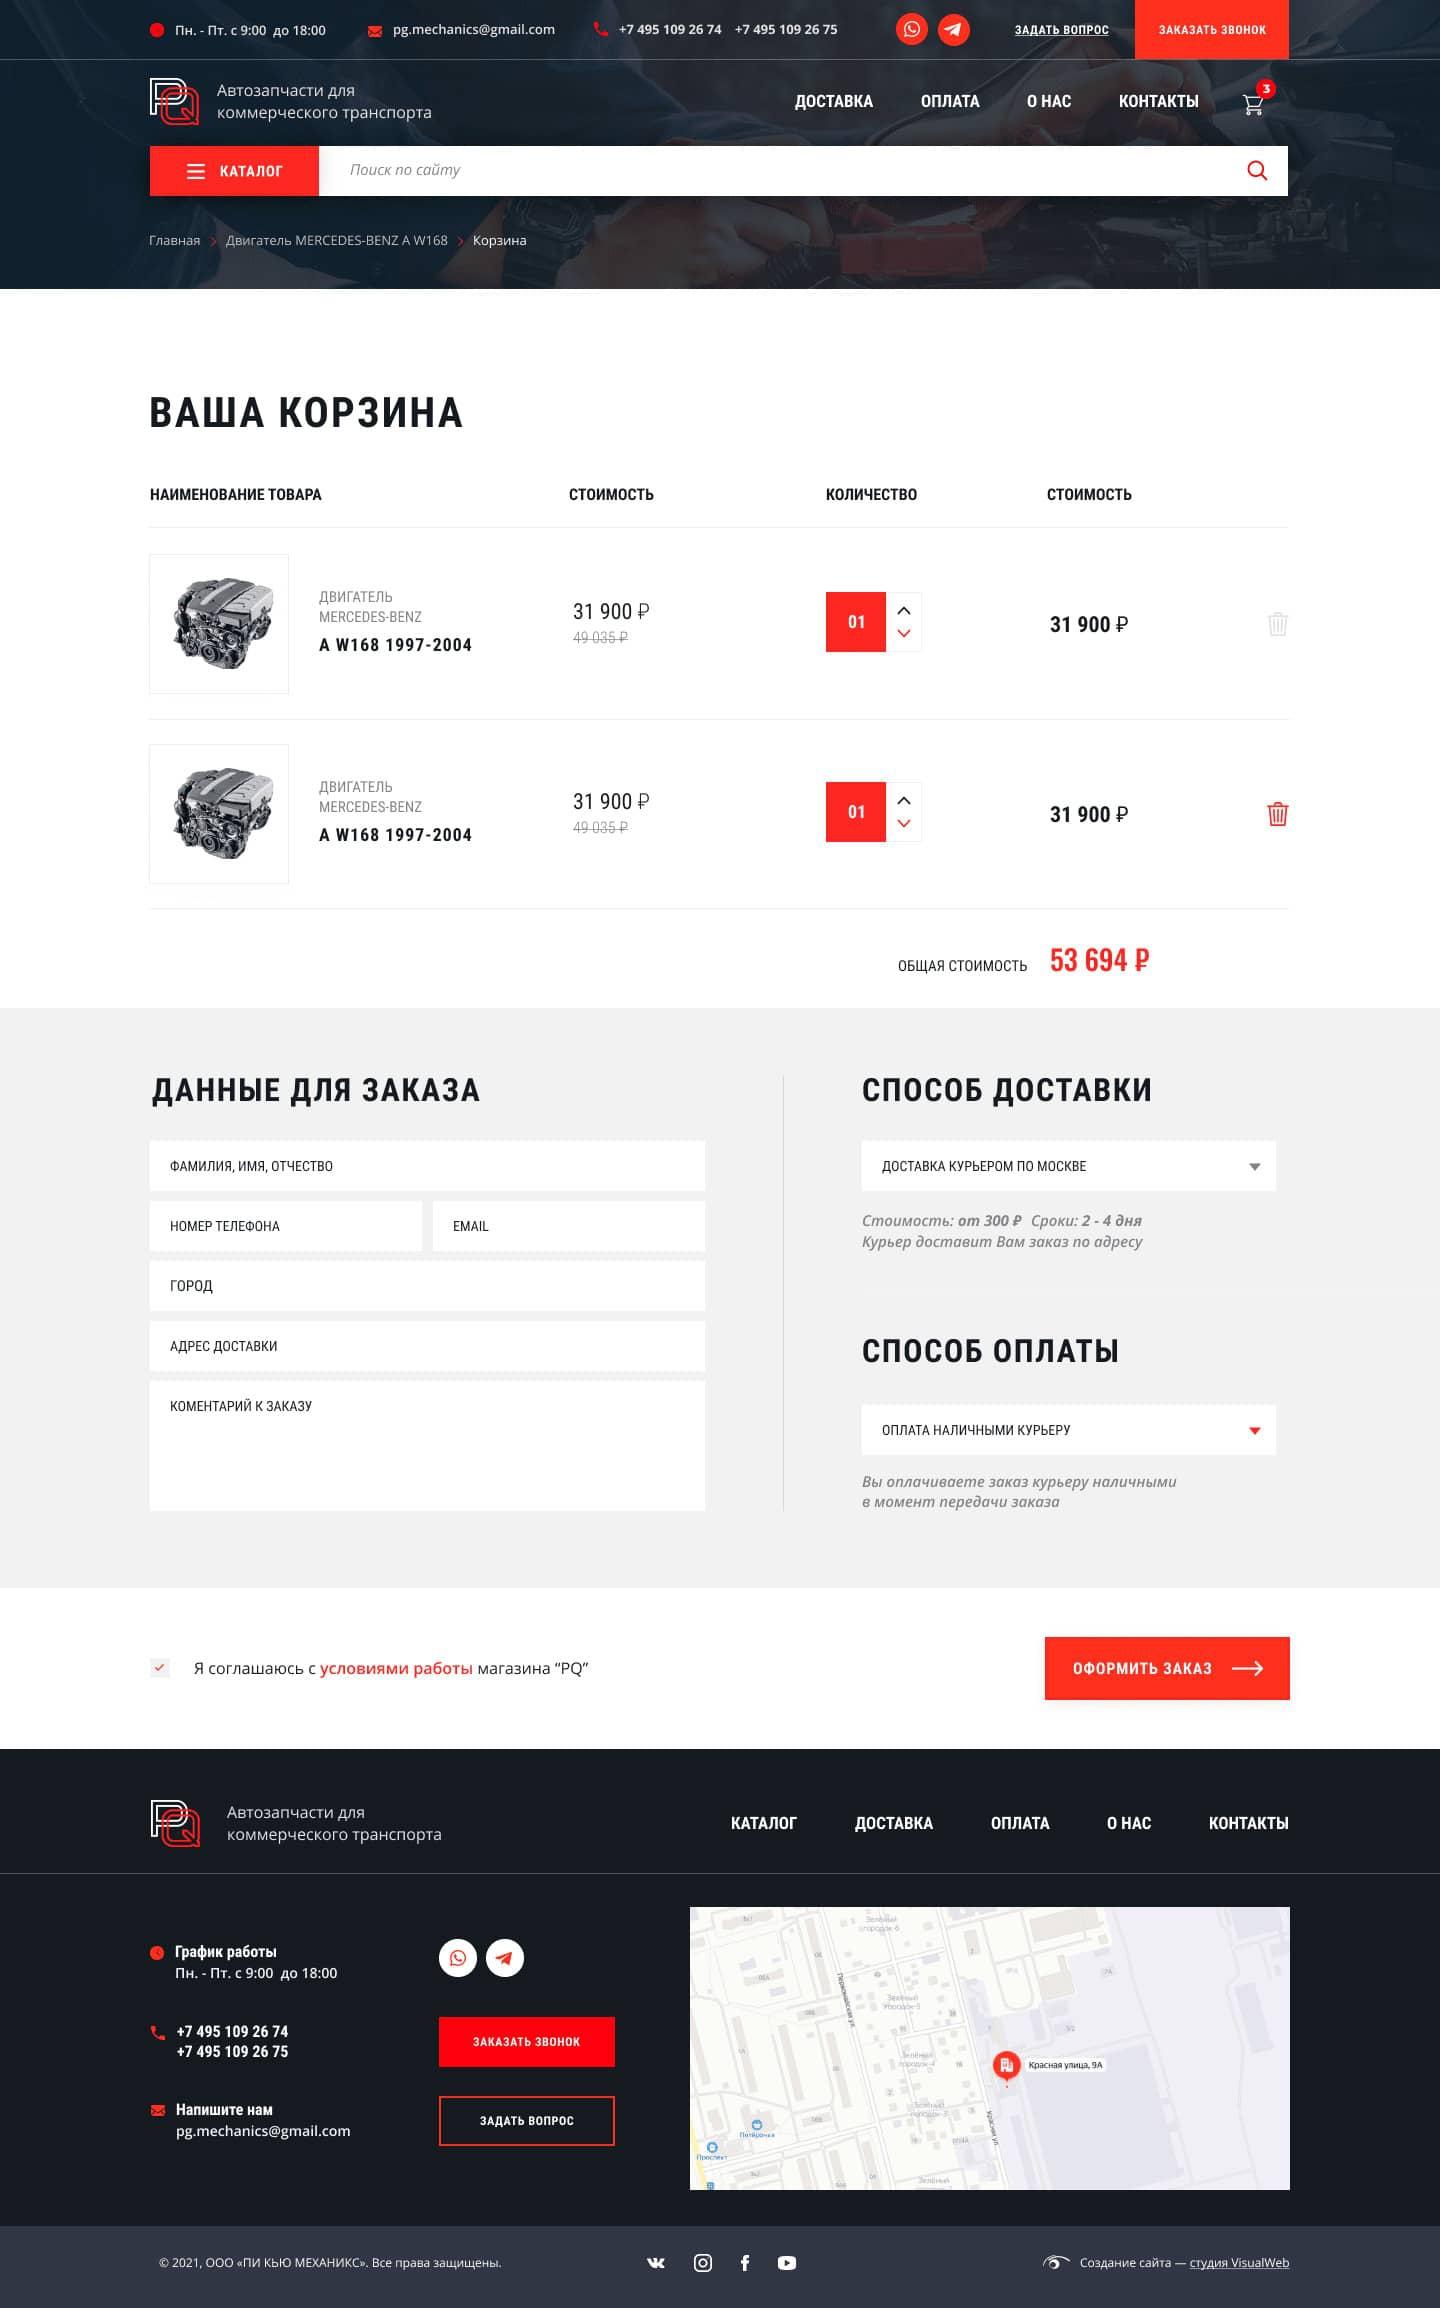 Создание интернет-магазина ПИ КЬЮ МЕХАНИКС